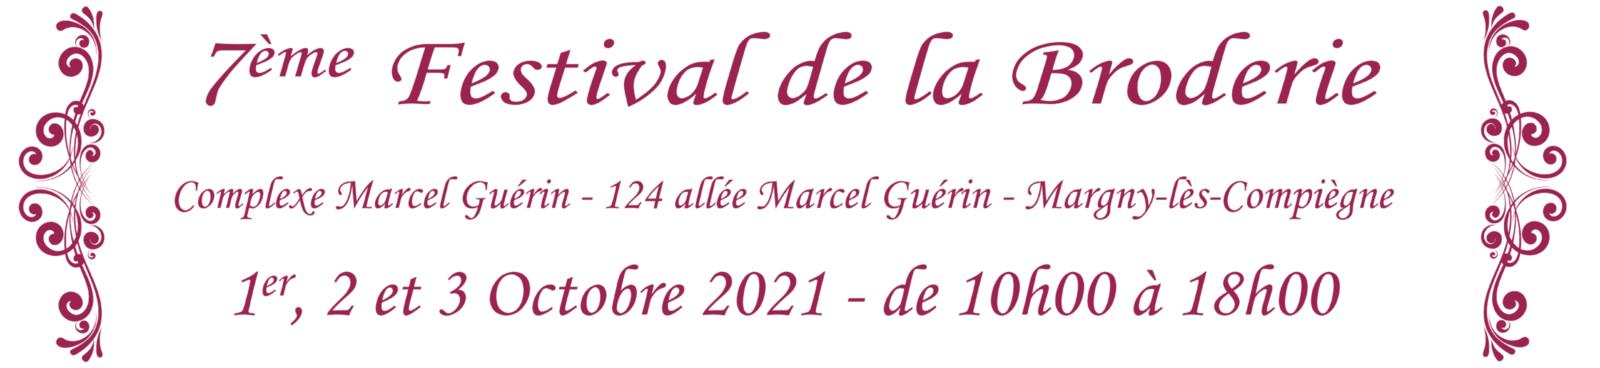 Bonjour! Enfin une bonne nouvelle! Le salon de la Broderie aura lieu cette année à Margny les Compiègne. Nouvelles créations au programme à base de pierres naturelles !